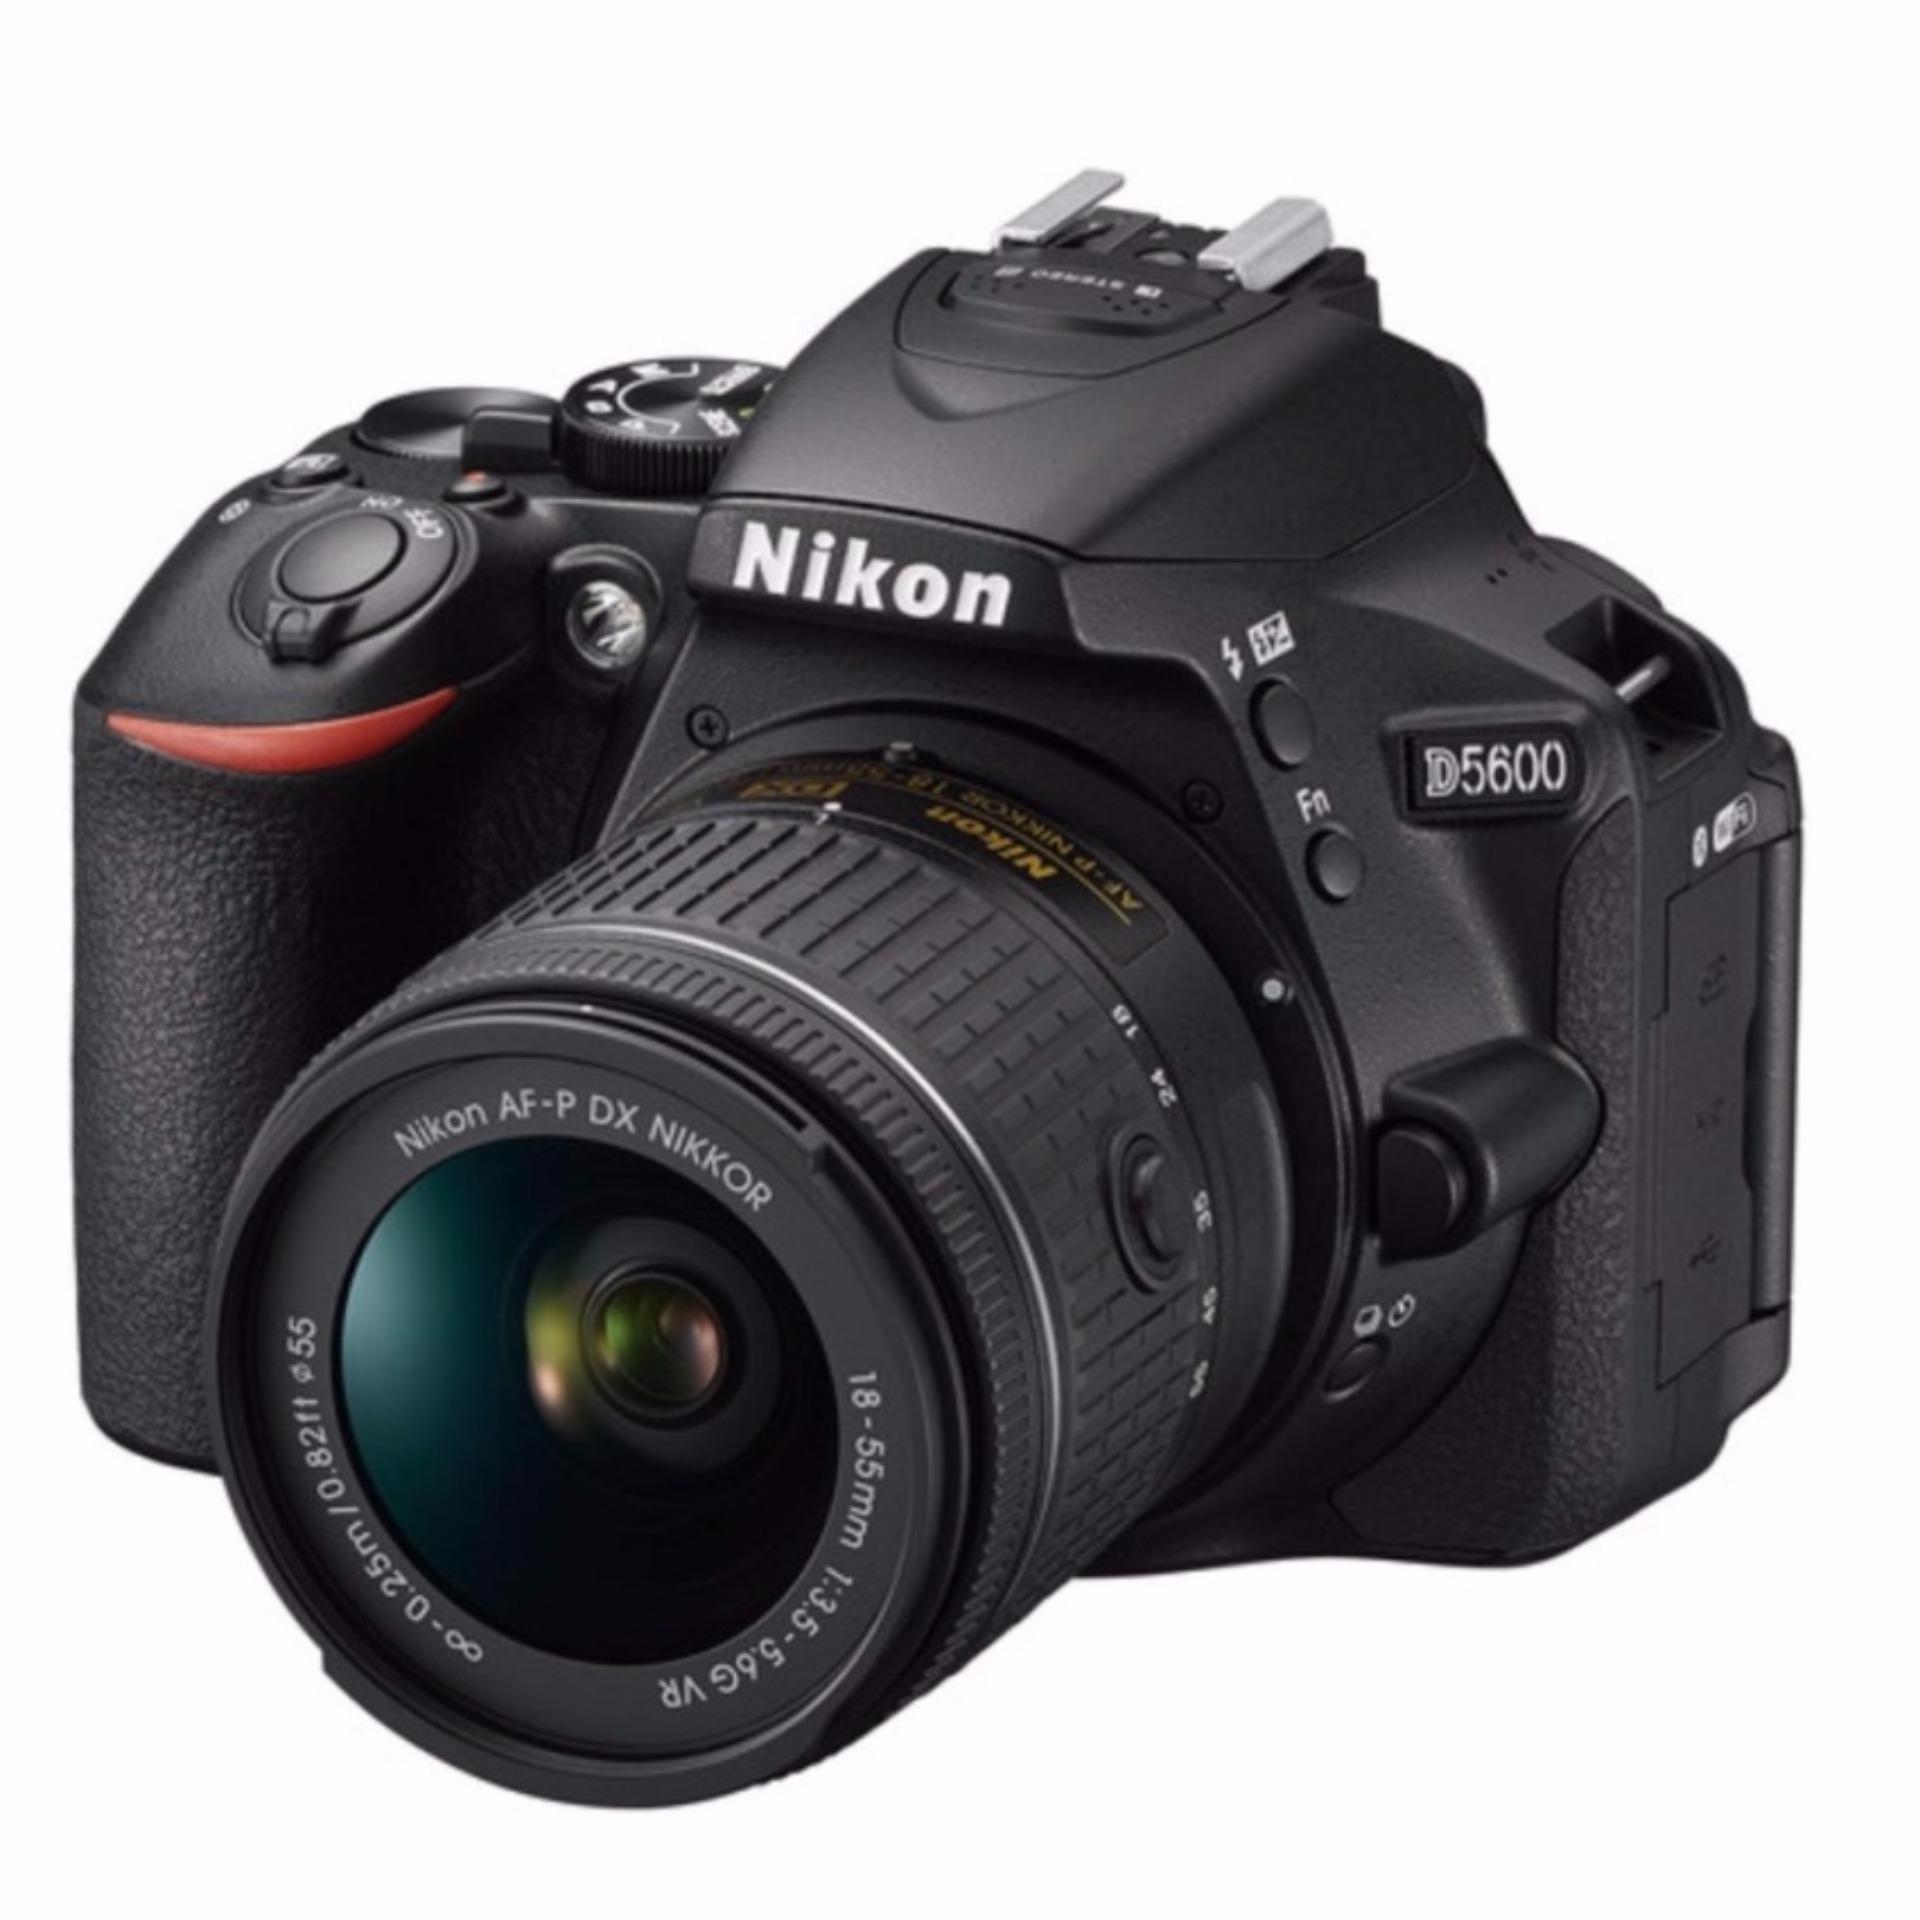 Nikon D5600 + AF-P 18-55mm f3.5-5.6G VR kit set export only(Black)